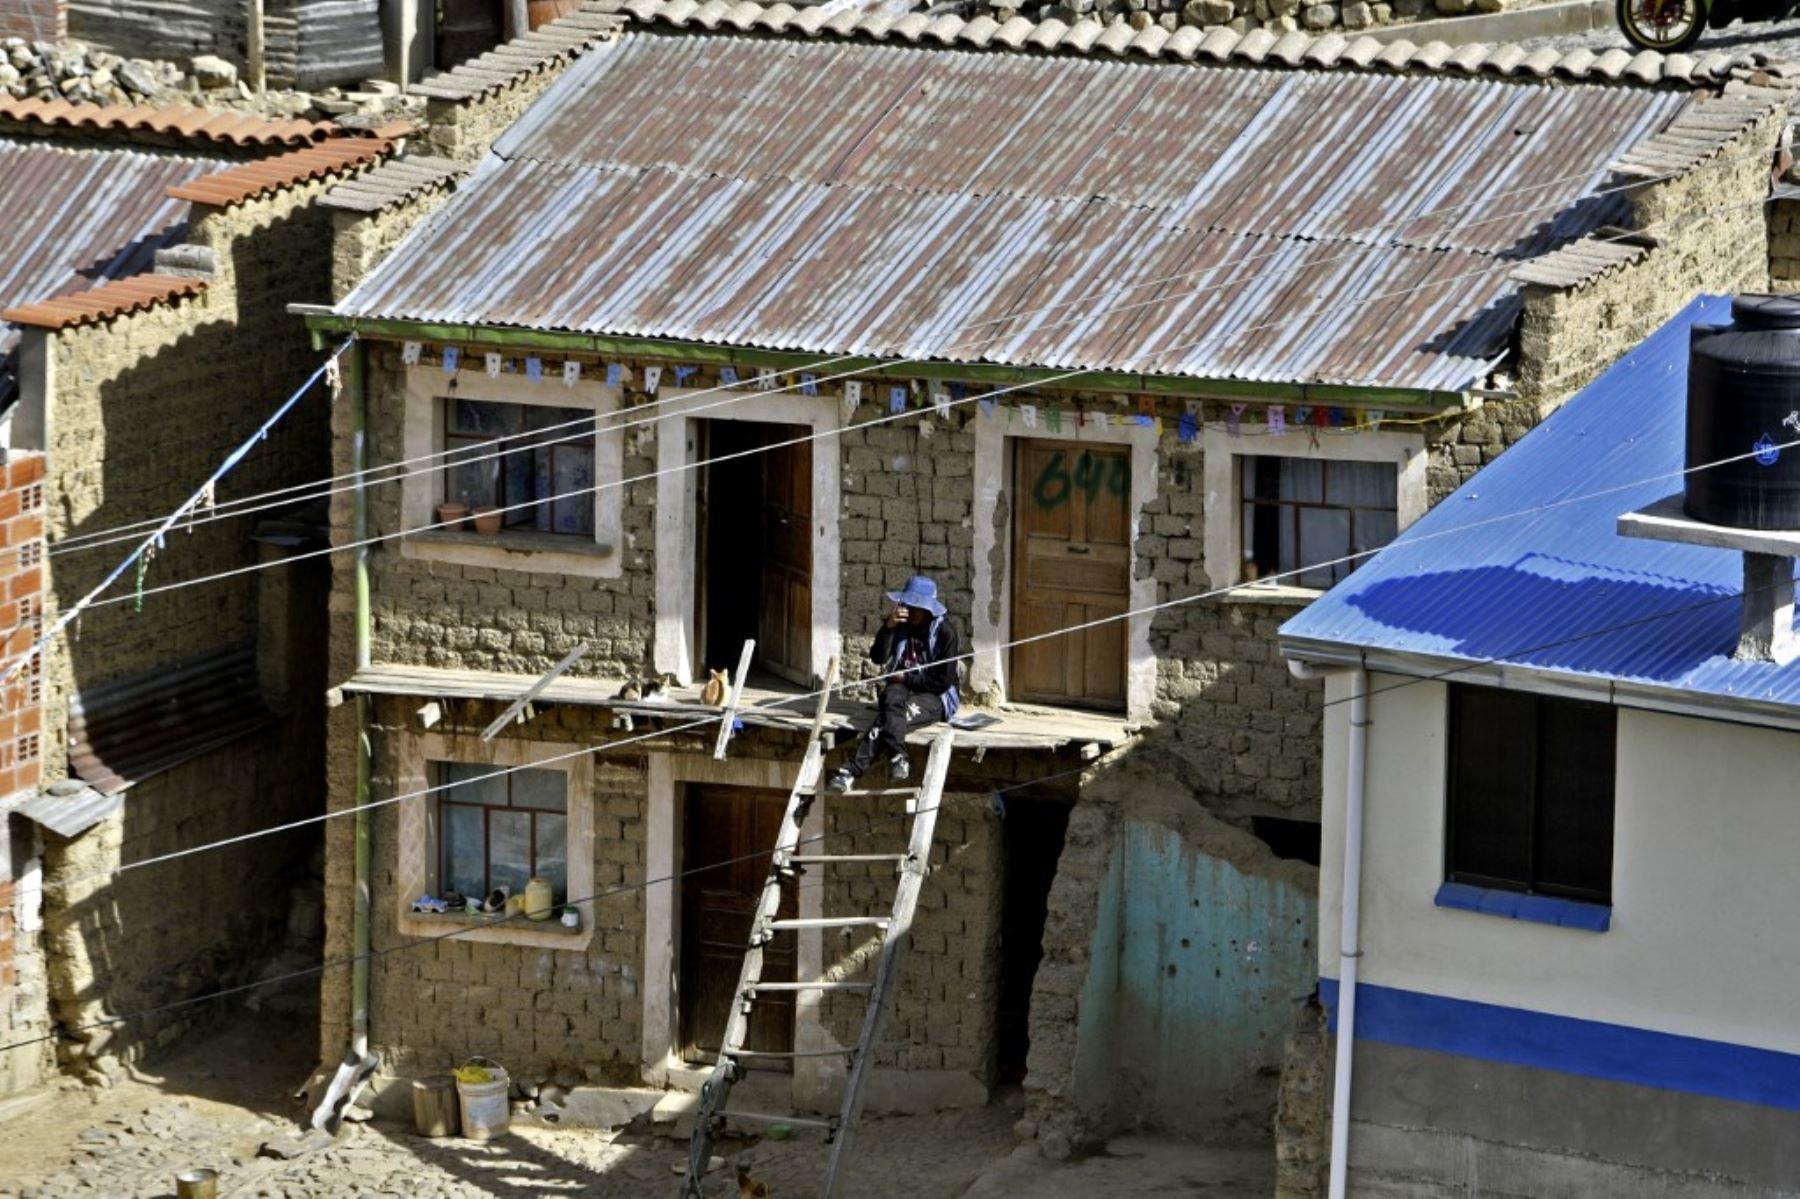 Una mujer permanece en su casa en una zona de bajos ingresos en El Alto, en medio de la nueva pandemia de coronaviru, en Bolivia. Foto: AFP